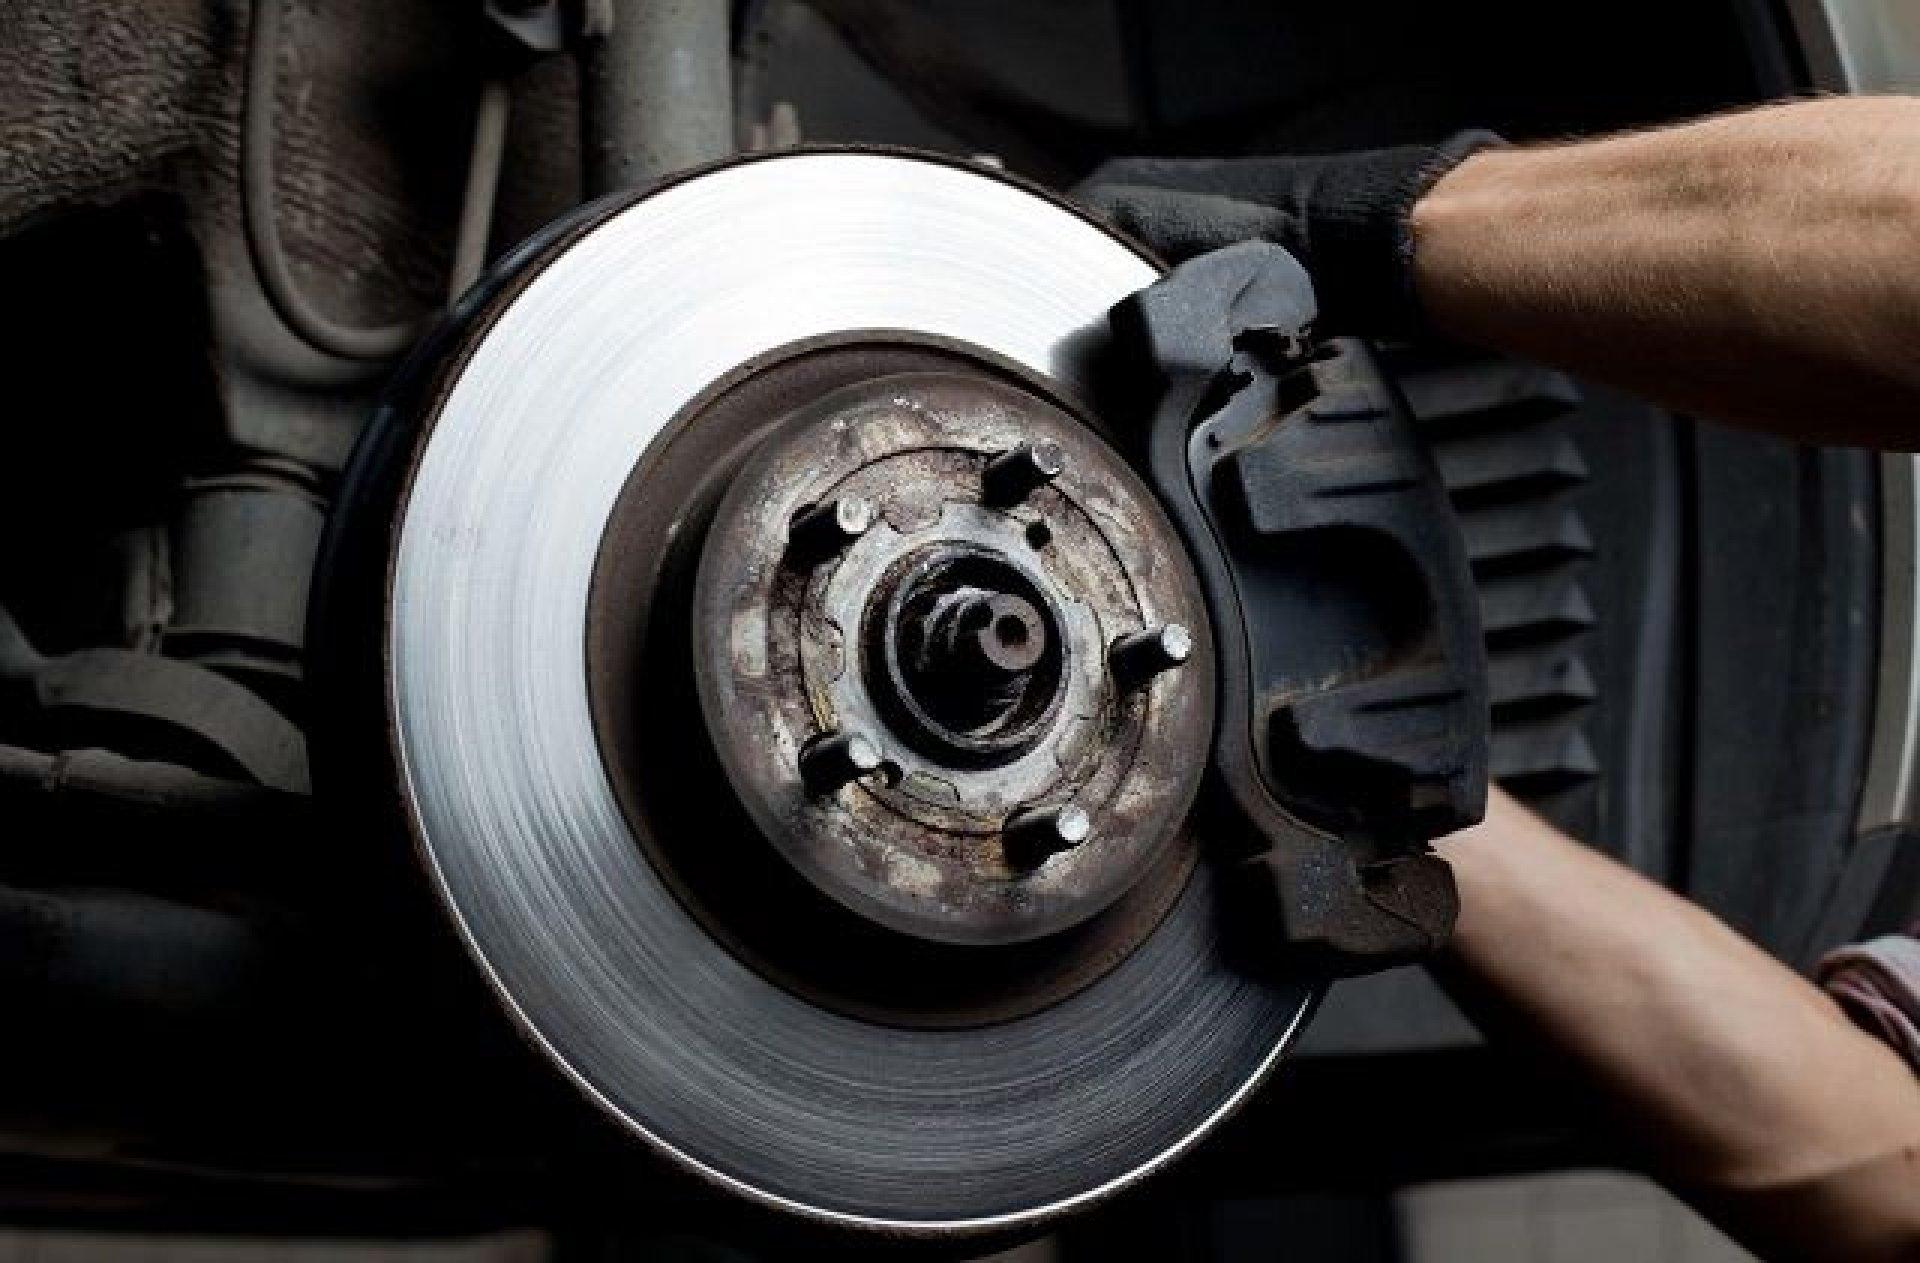 Pastilha de freio aplicada no disco. Via: Google imagens.